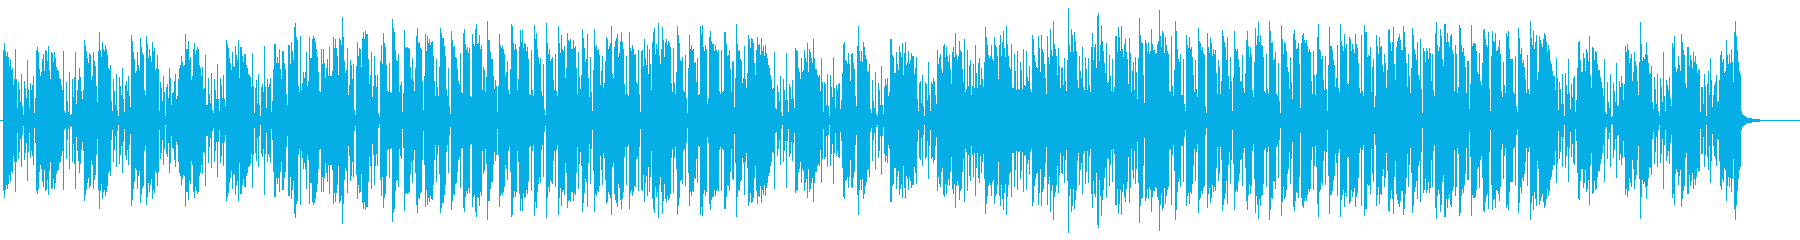 ドタバタ、ちょっとしたケンカのBGMの再生済みの波形